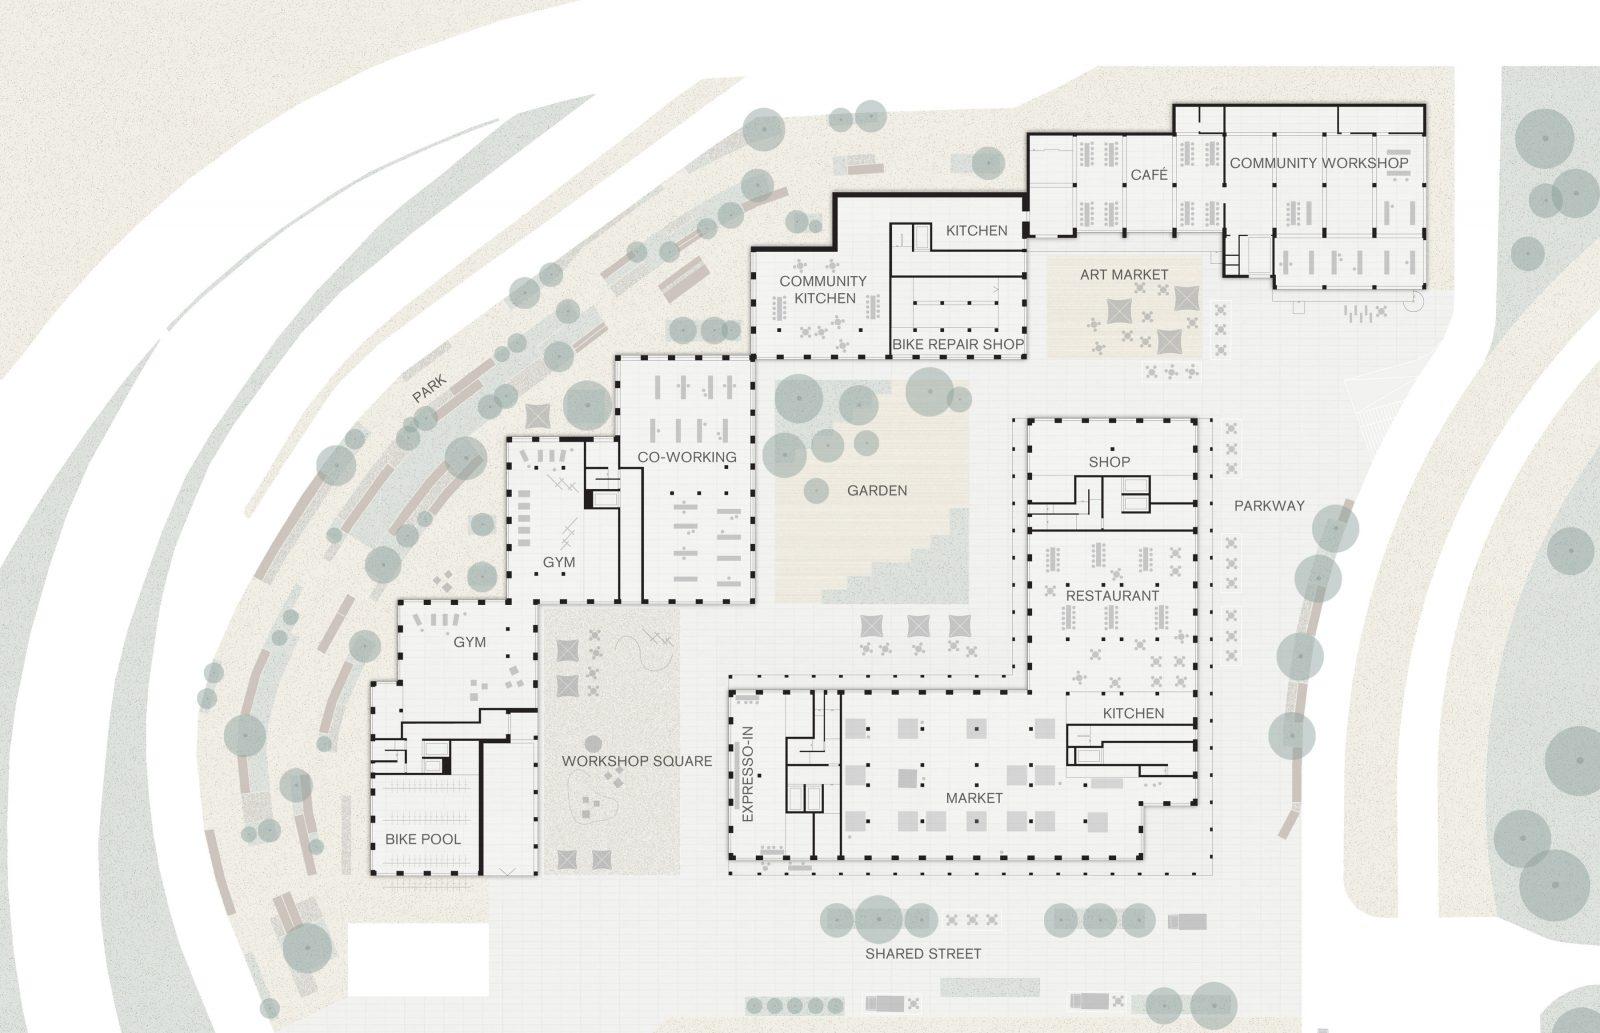 KjellanderSjjoberg Nacka-Port Illustrationsplan ENG 3600x2324px